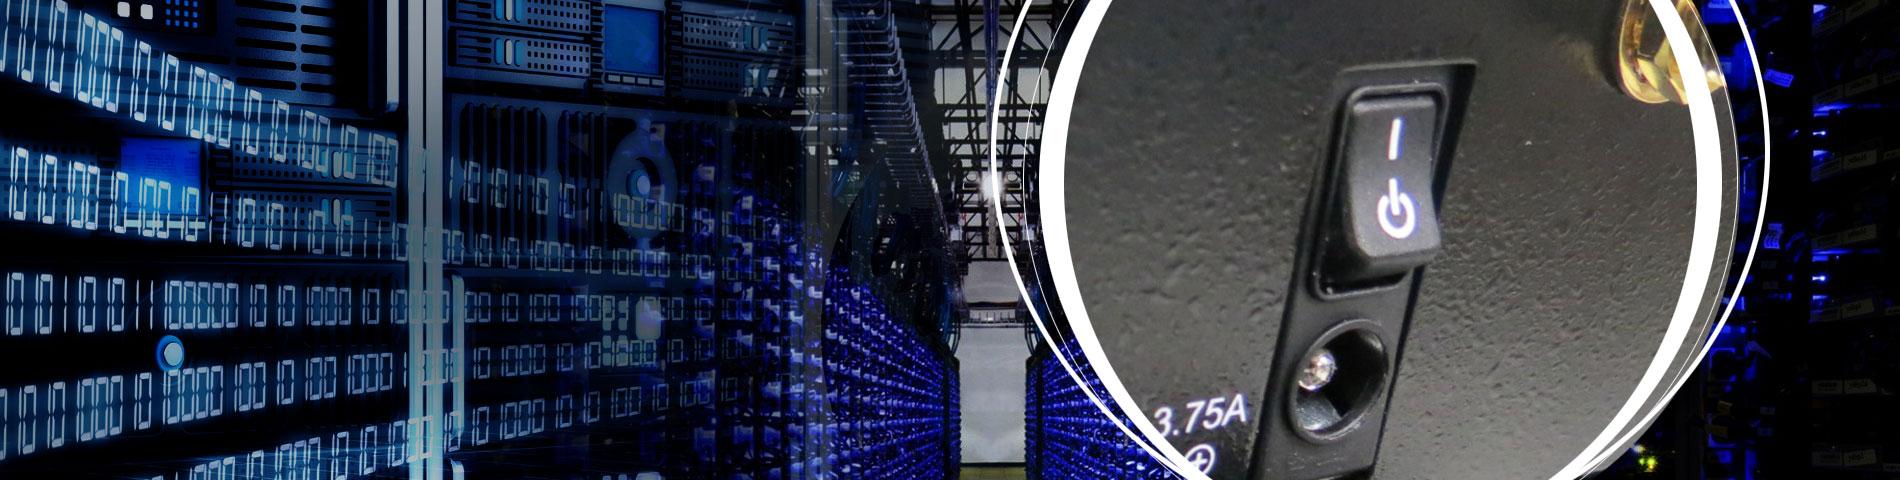 Computer perifer industri - Gælder for Netcom -udstyr